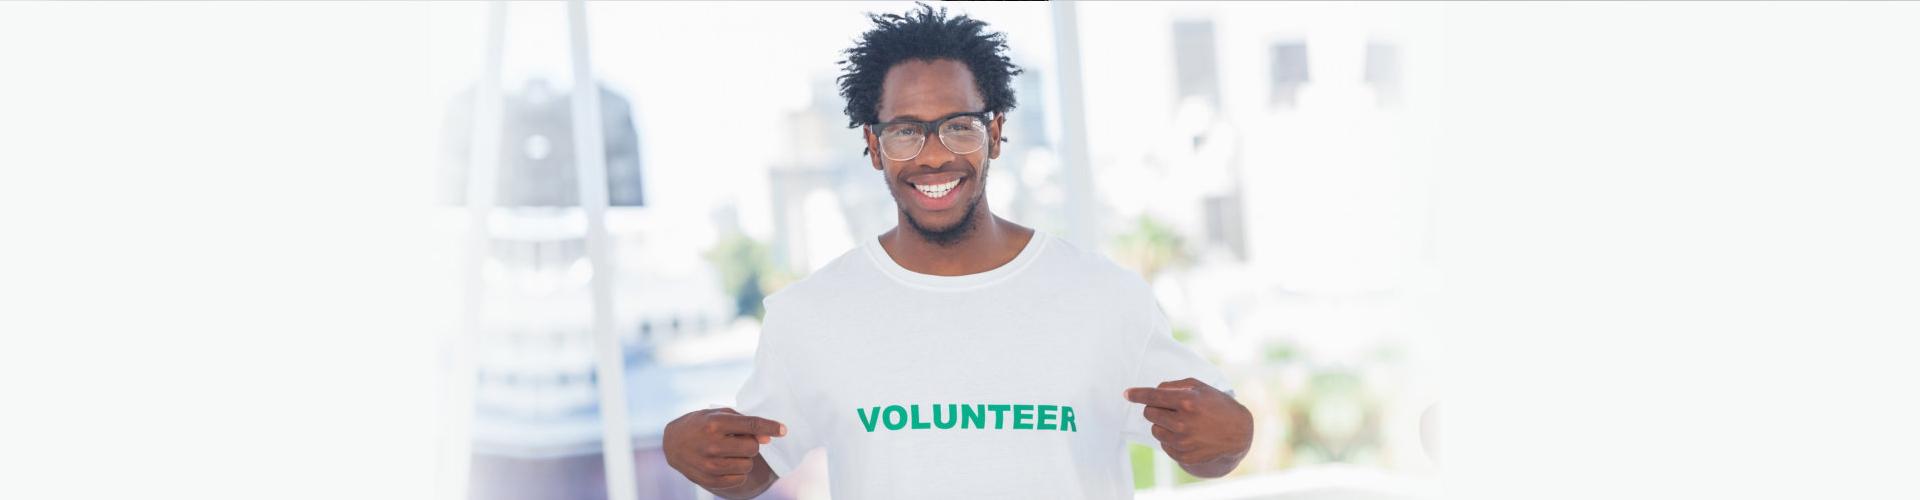 young man wearing volunteer shirt smiling